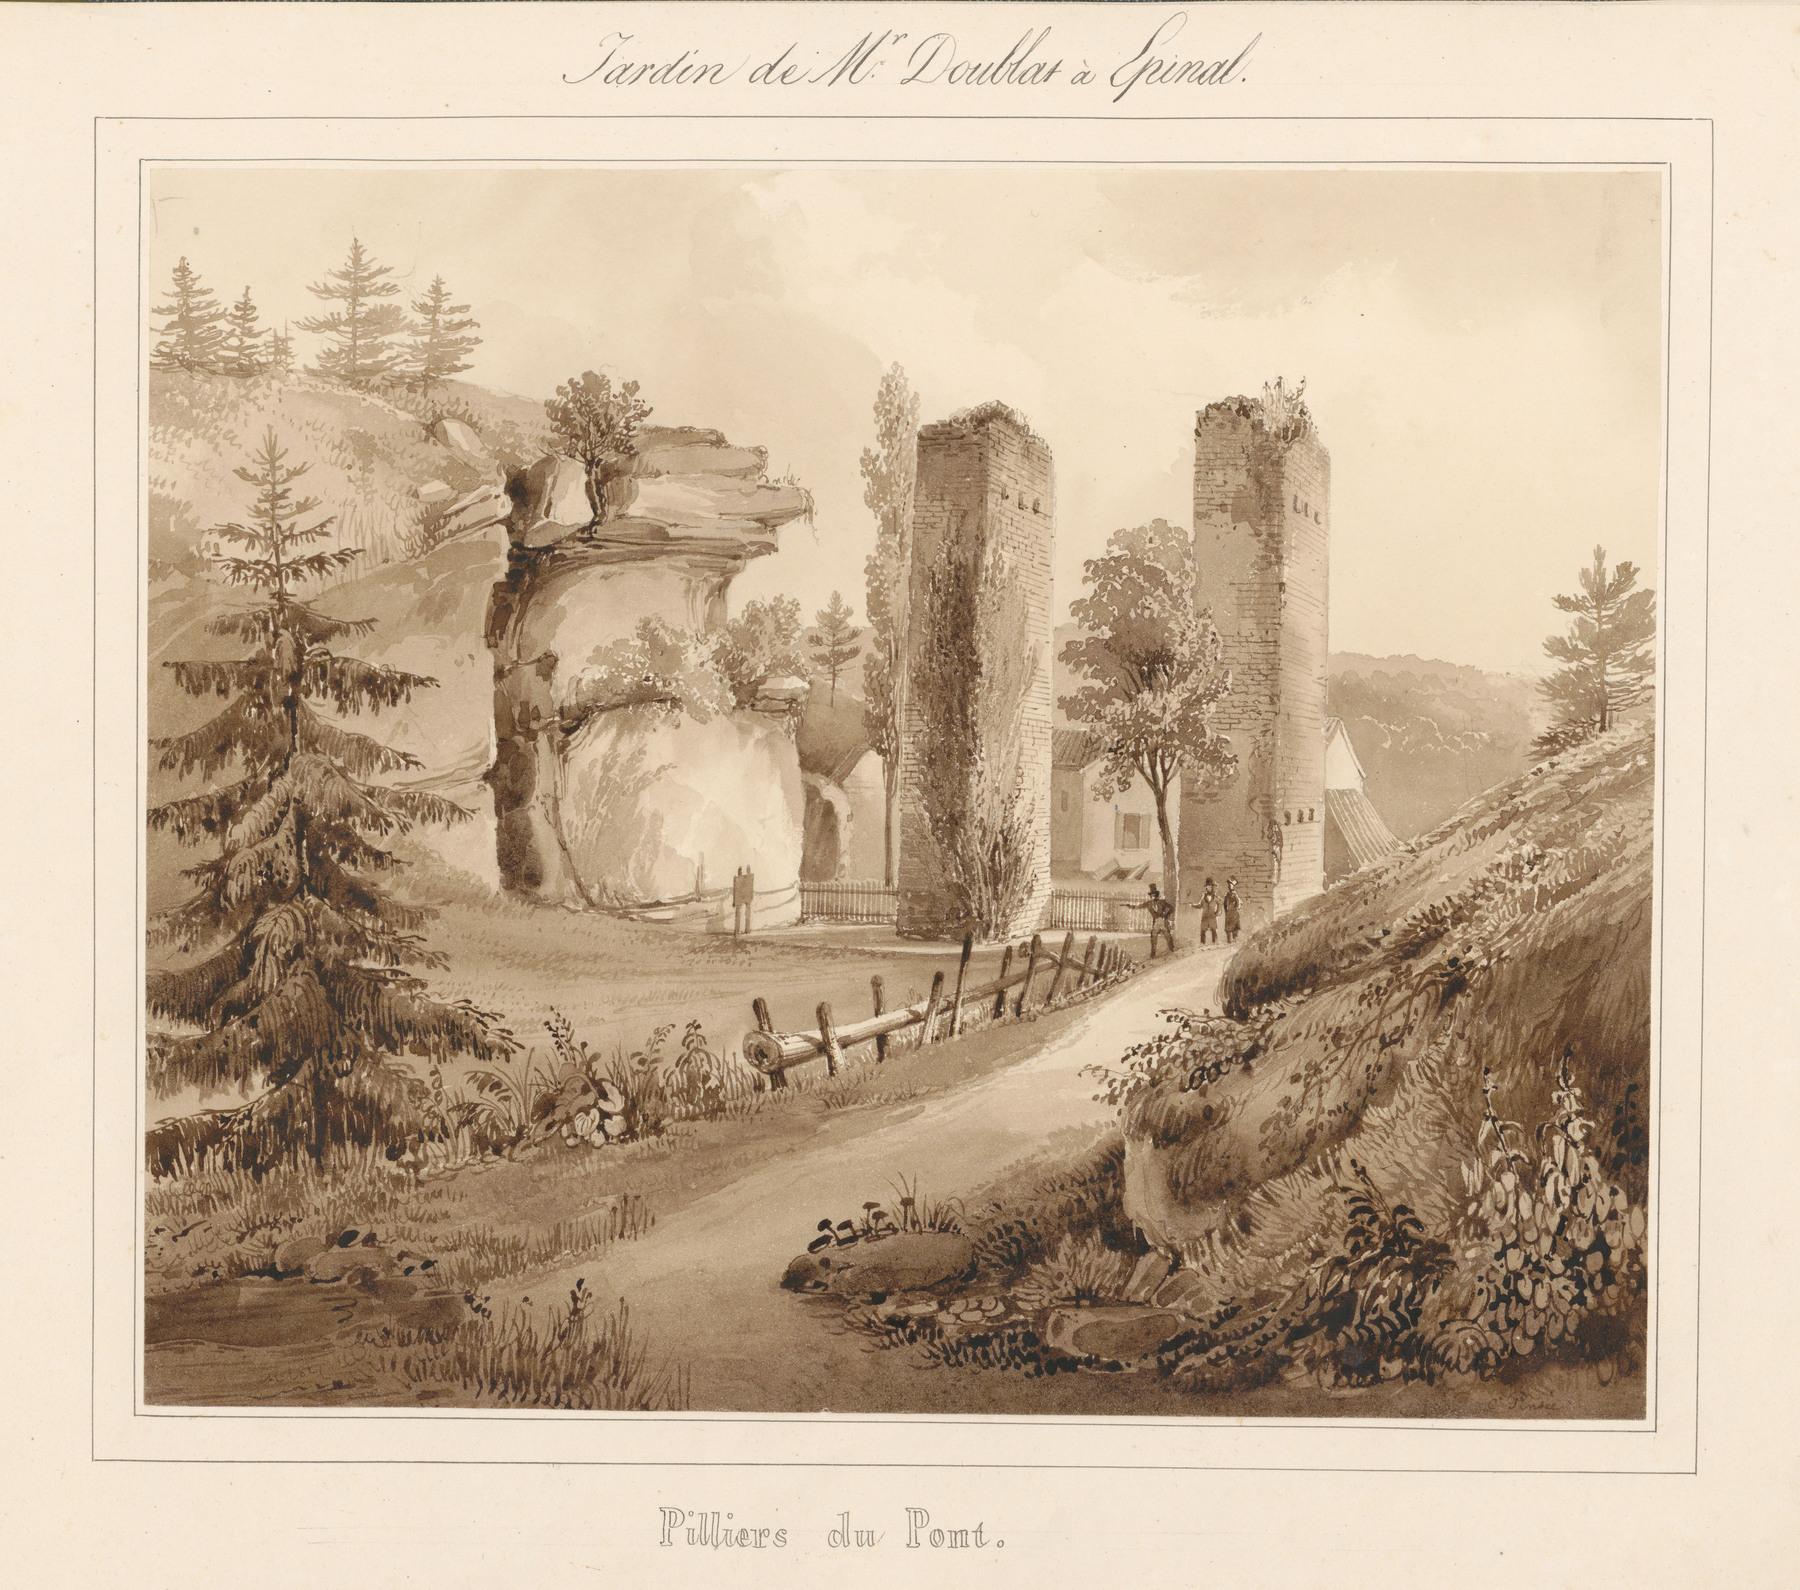 Contenu du Le château d'Epinal : Piliers du pont